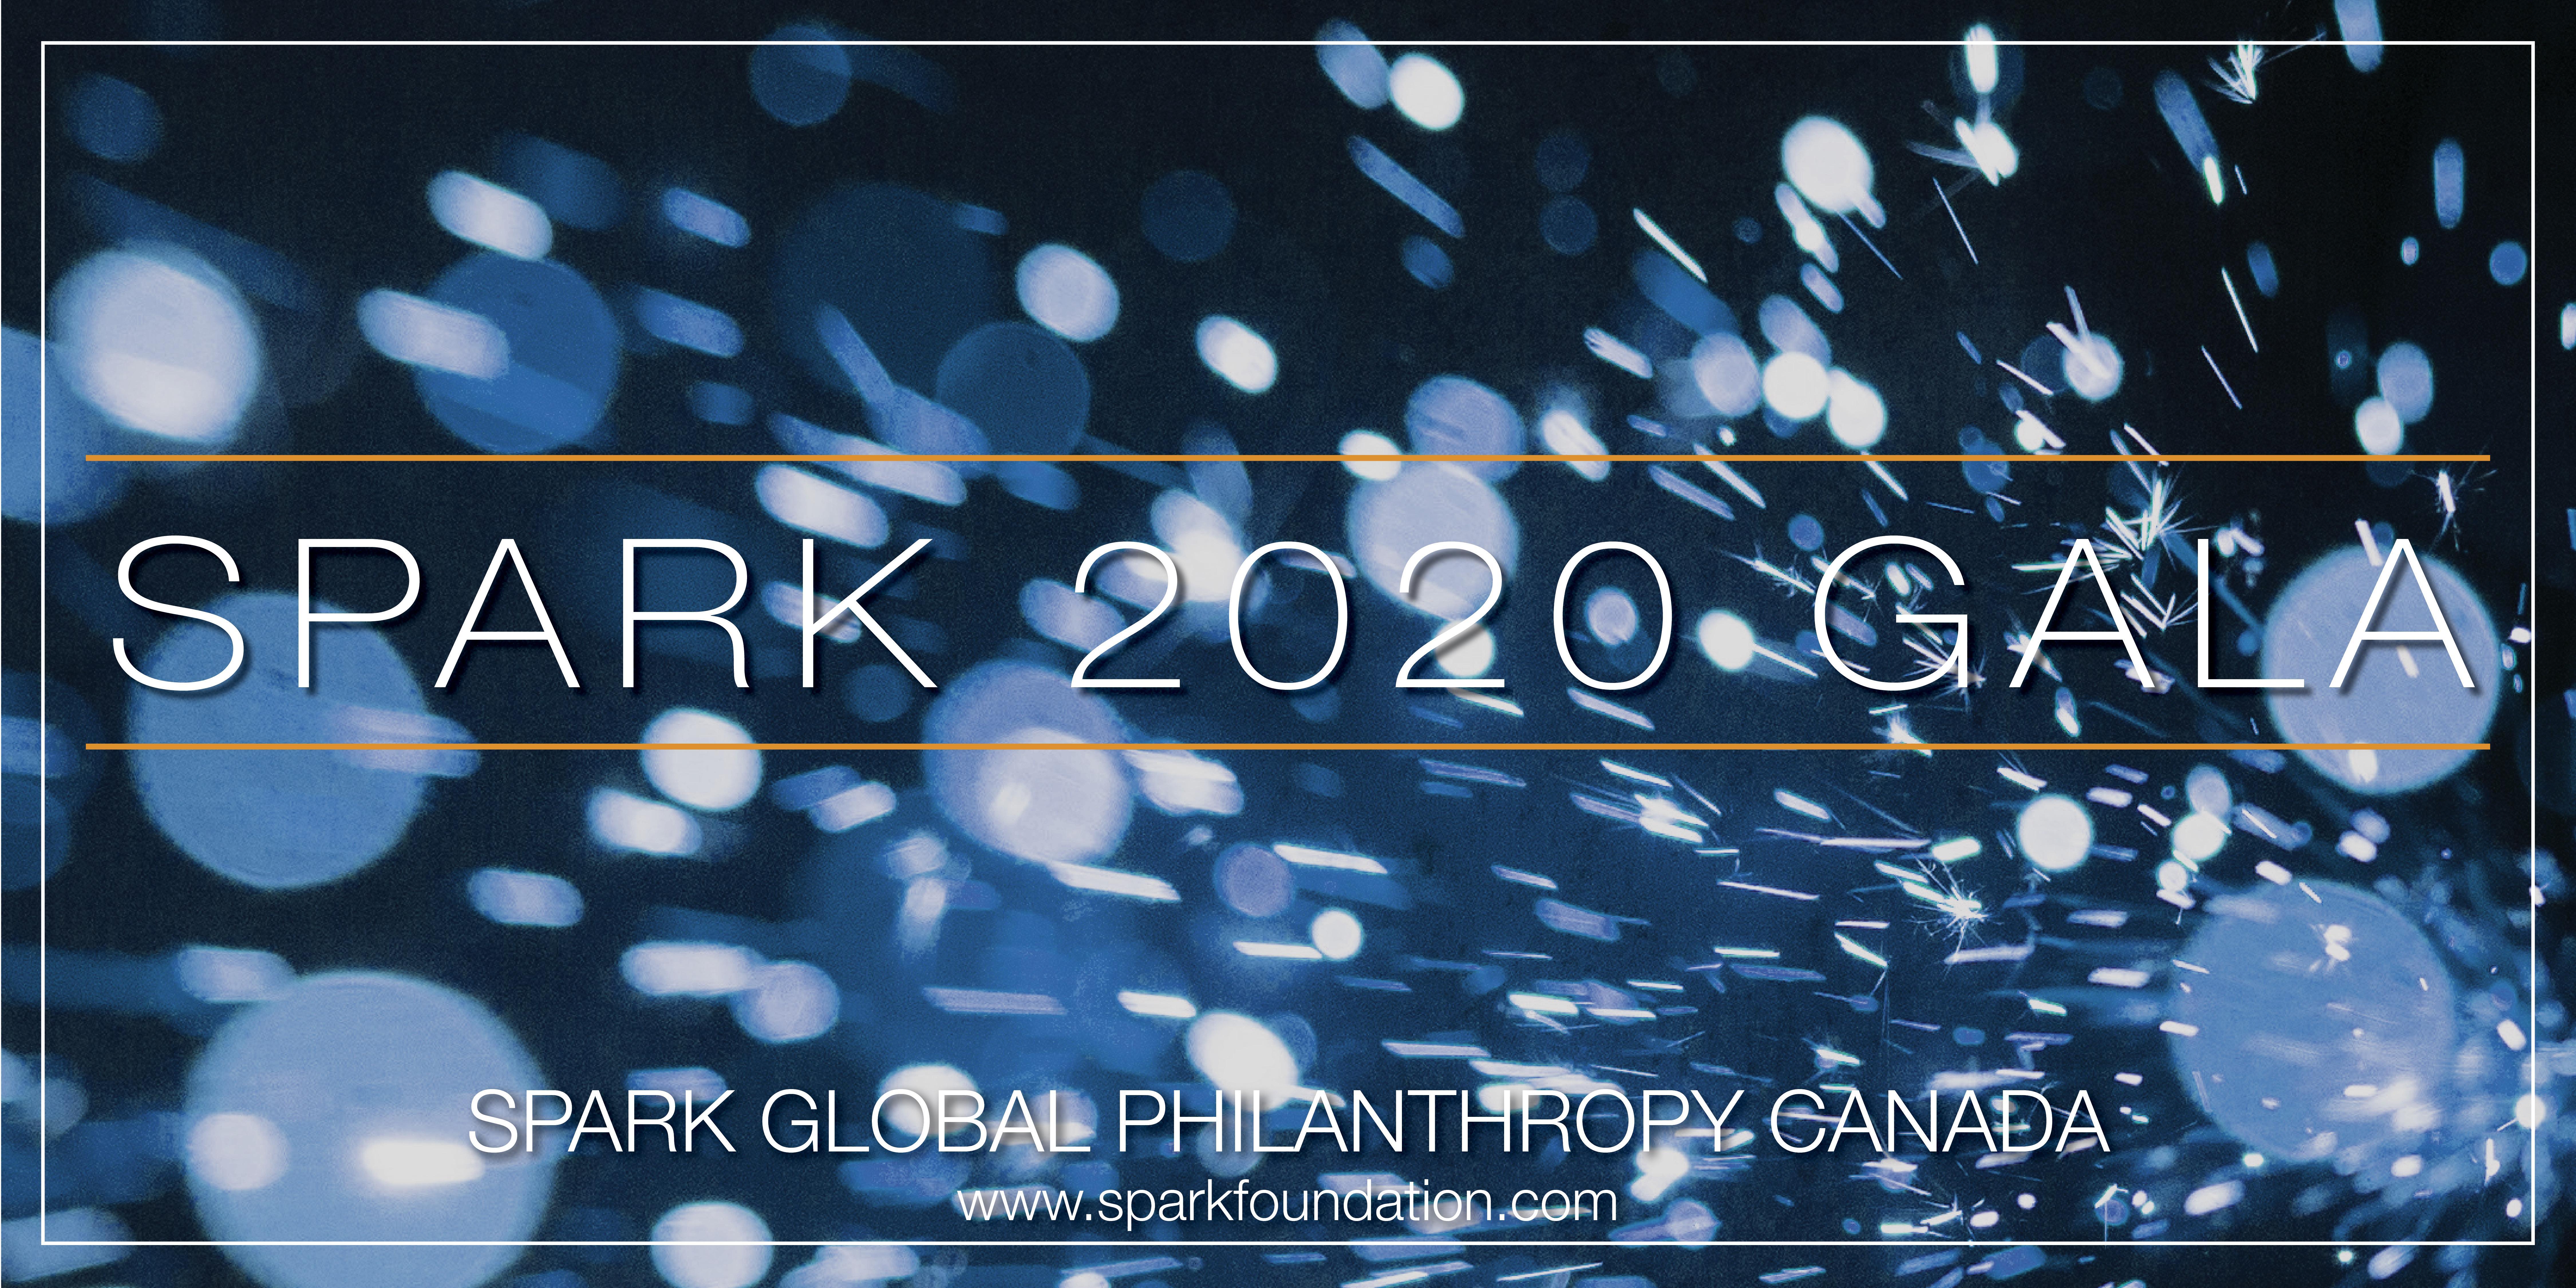 Spark 2020 Gala